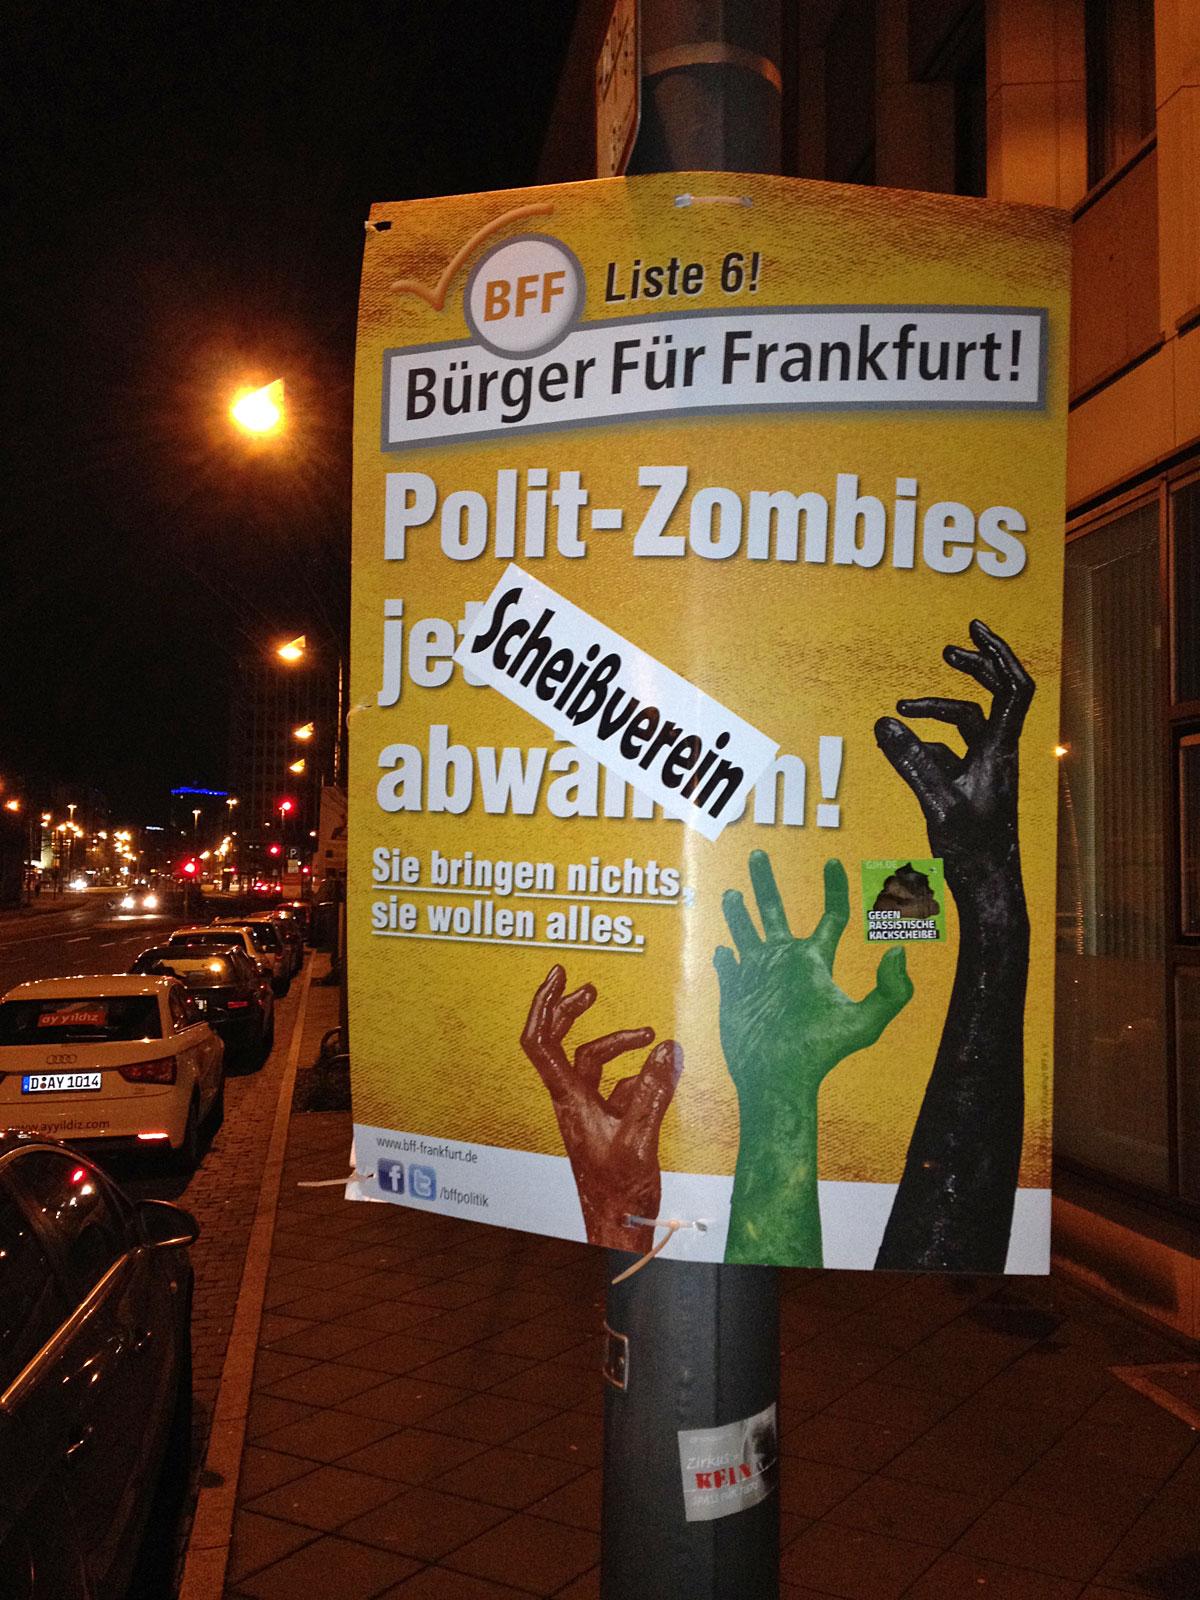 wahlplakate-zur-kommunalwahl-in-frankfurt-2016-buerger-fuer-frankfurt-scheissverein